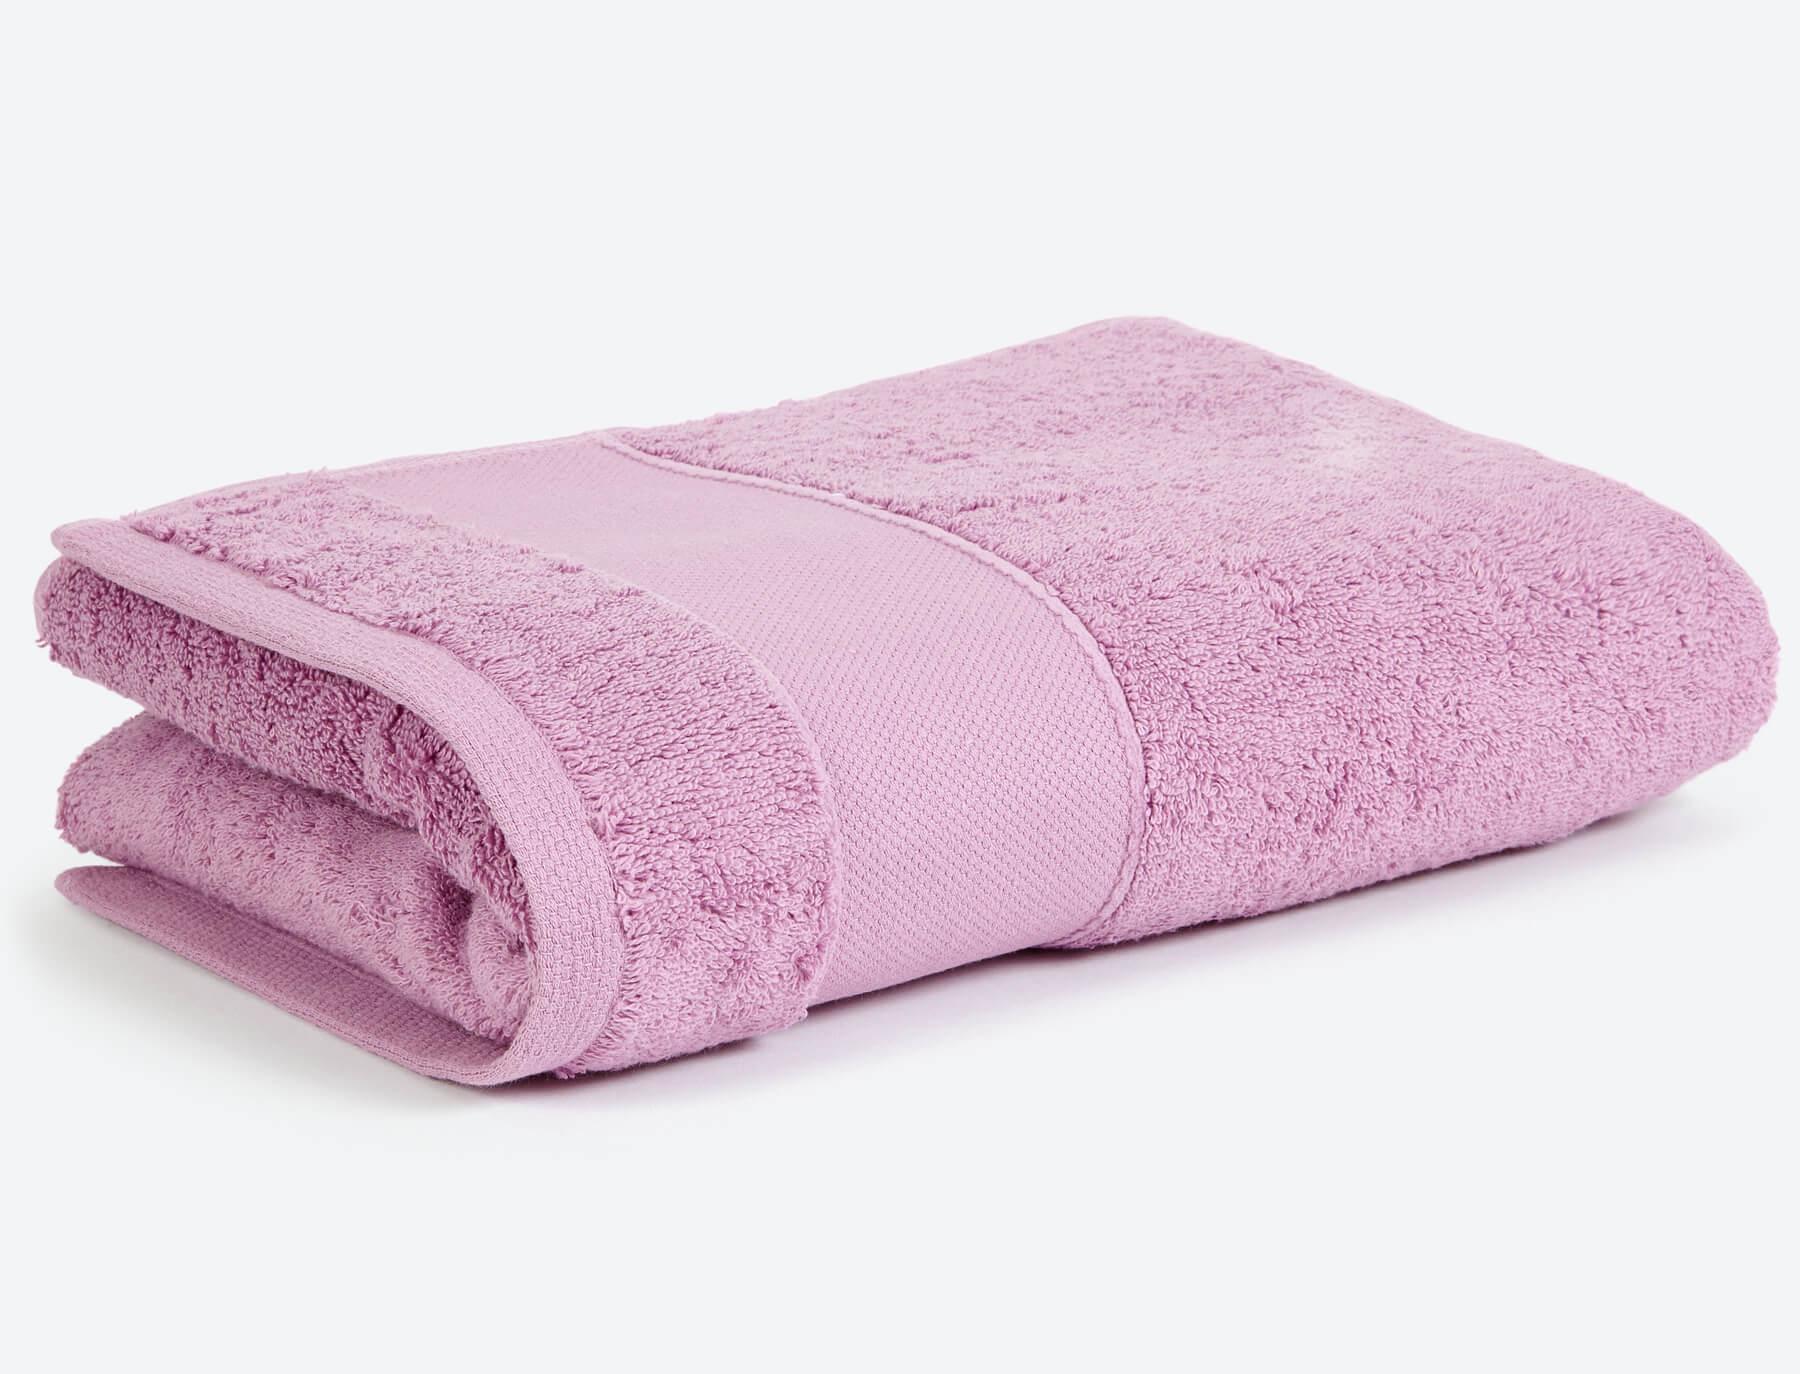 Linge de bain coton peigné Parenthèse